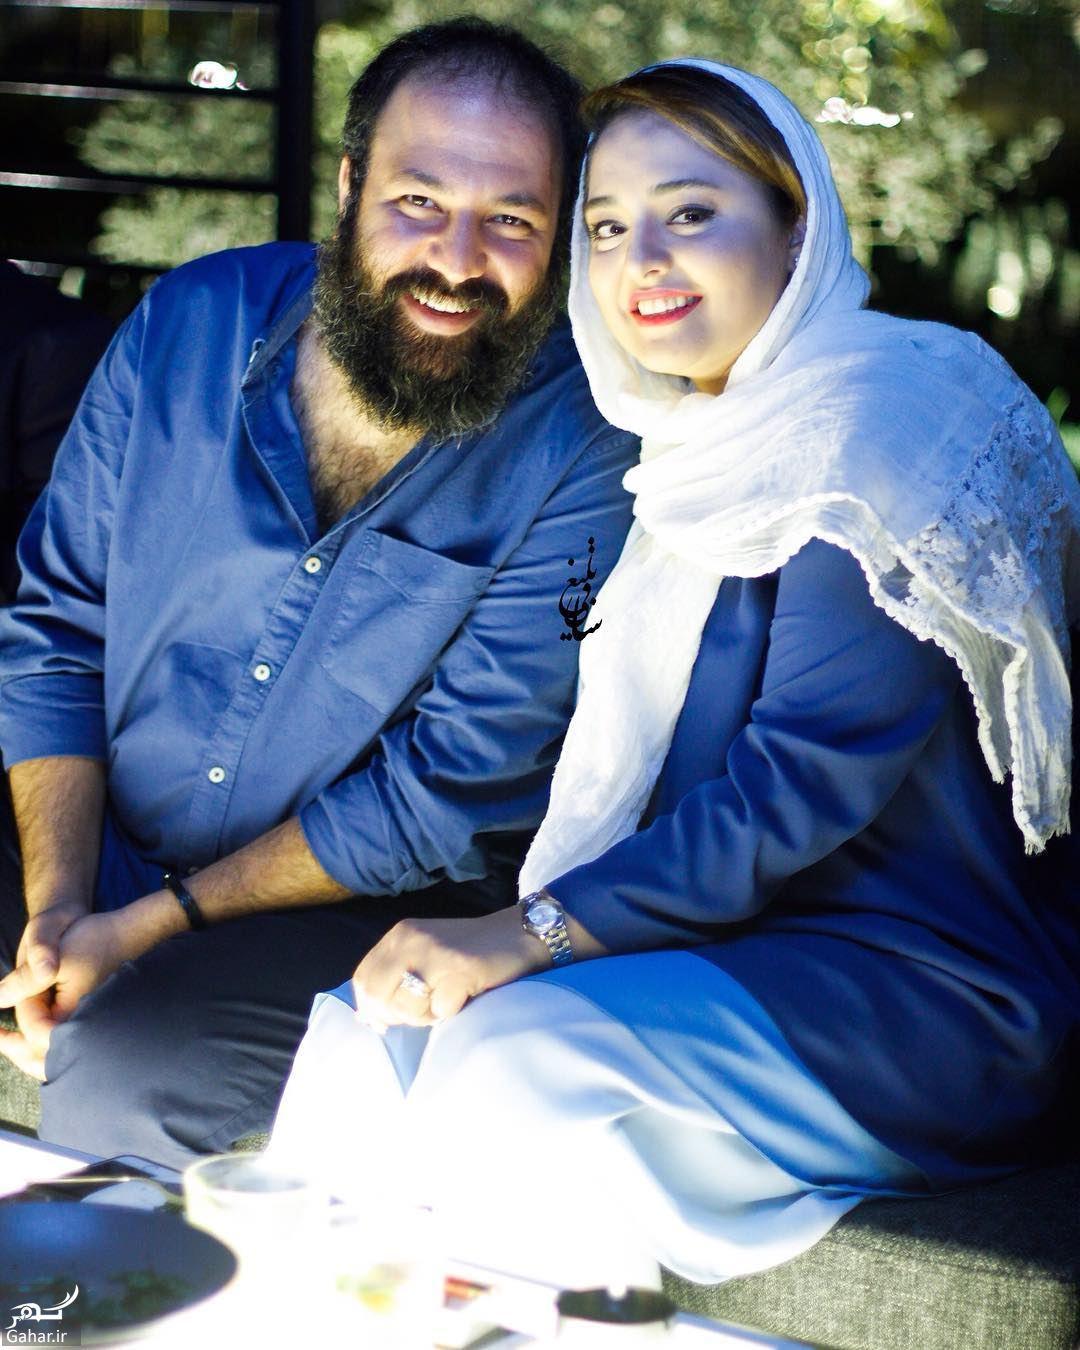 498462 Gahar ir عکس های جدید بازیگران و همسرانشان در مراسم تقدیر از حمید نعمت الله